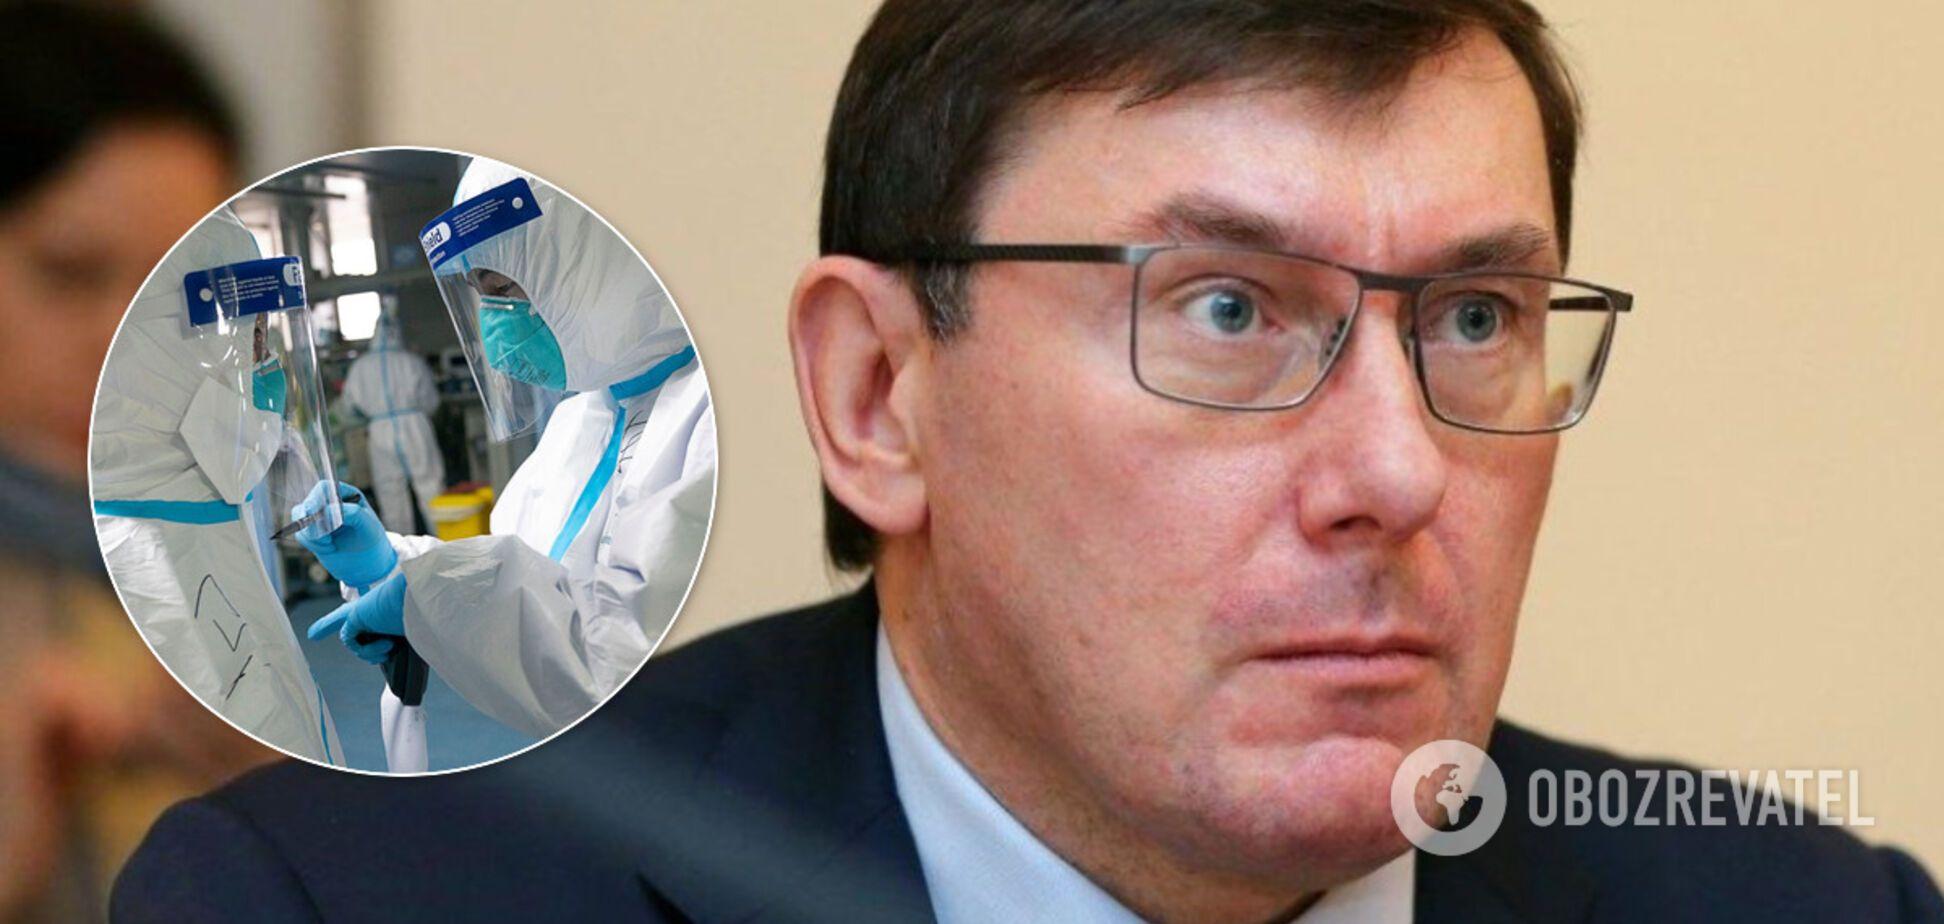 Родина Луценків надала допомогу лікарням у боротьбі з коронавірусом